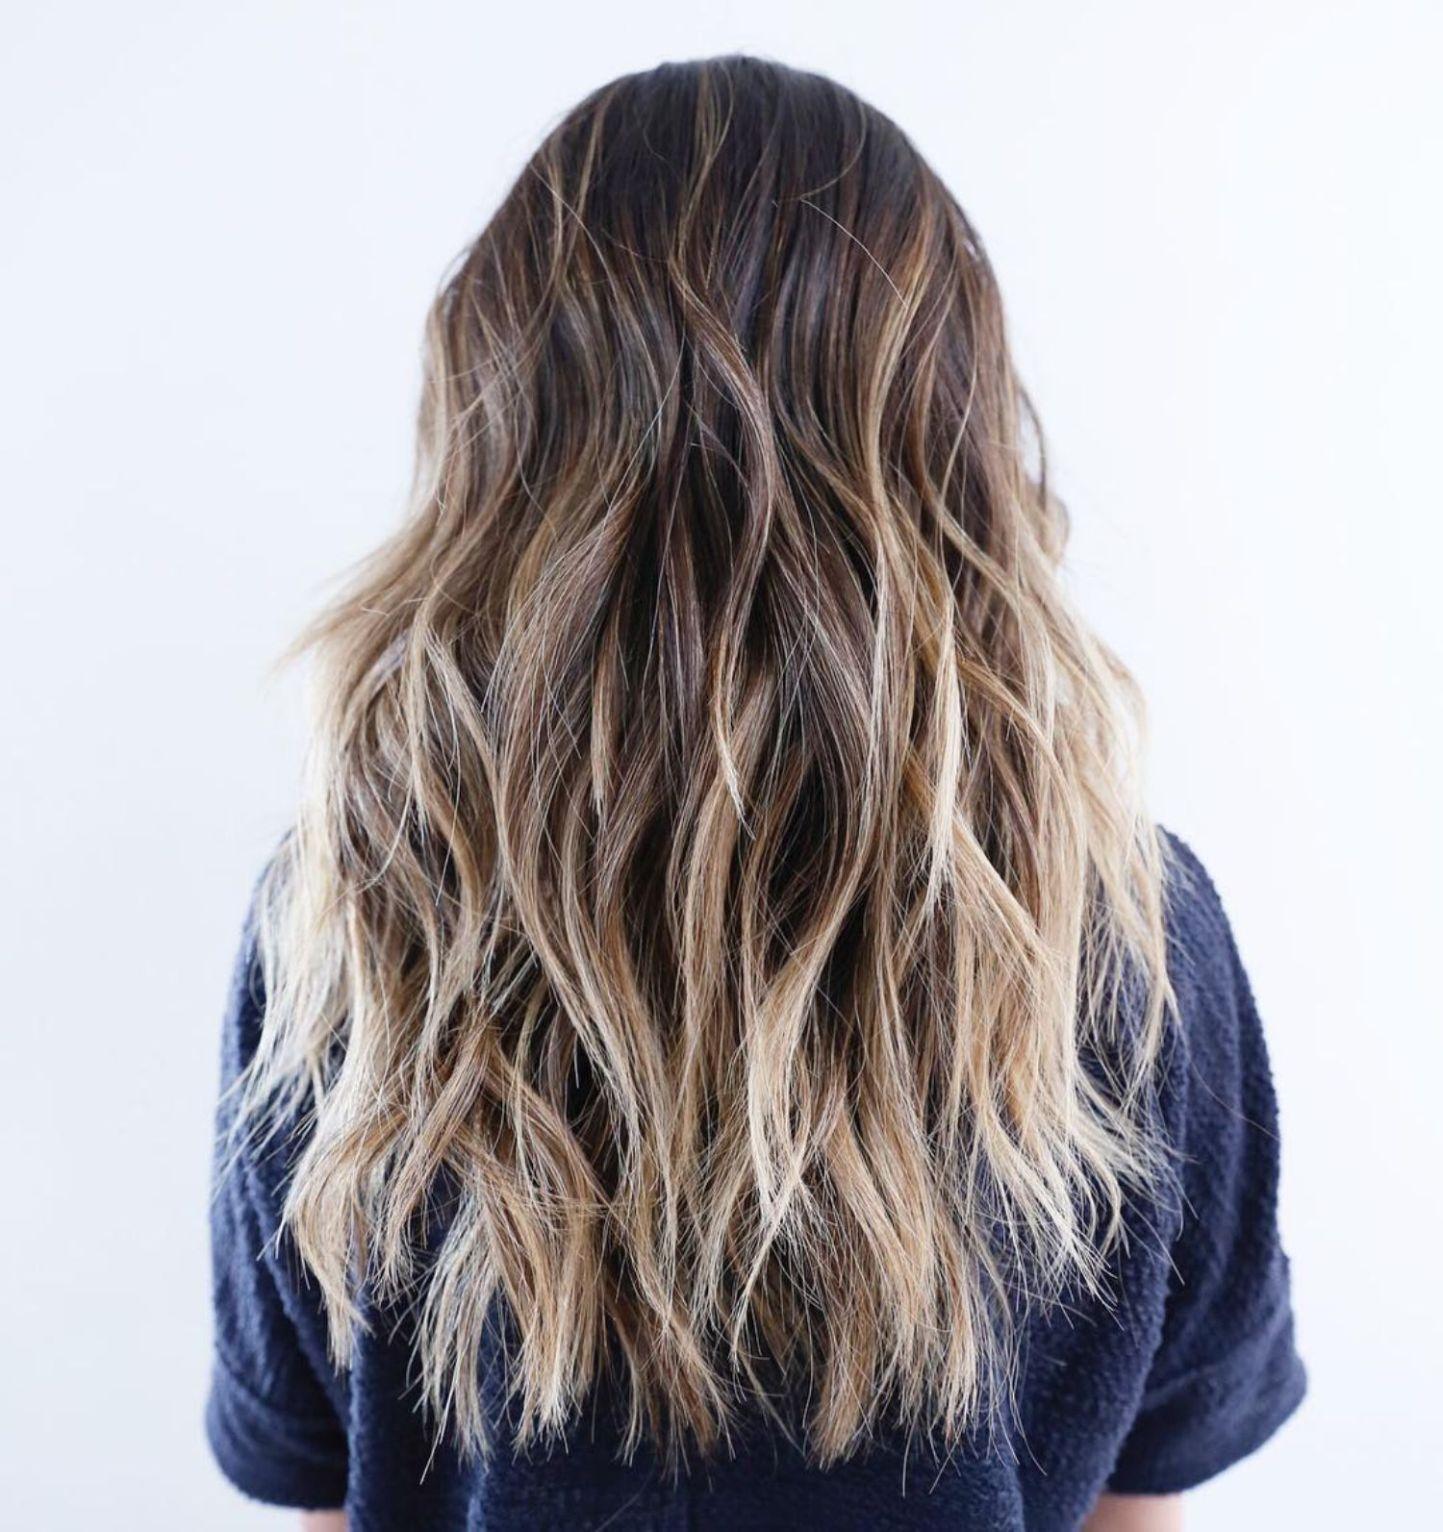 Pin On Haircut May 1st